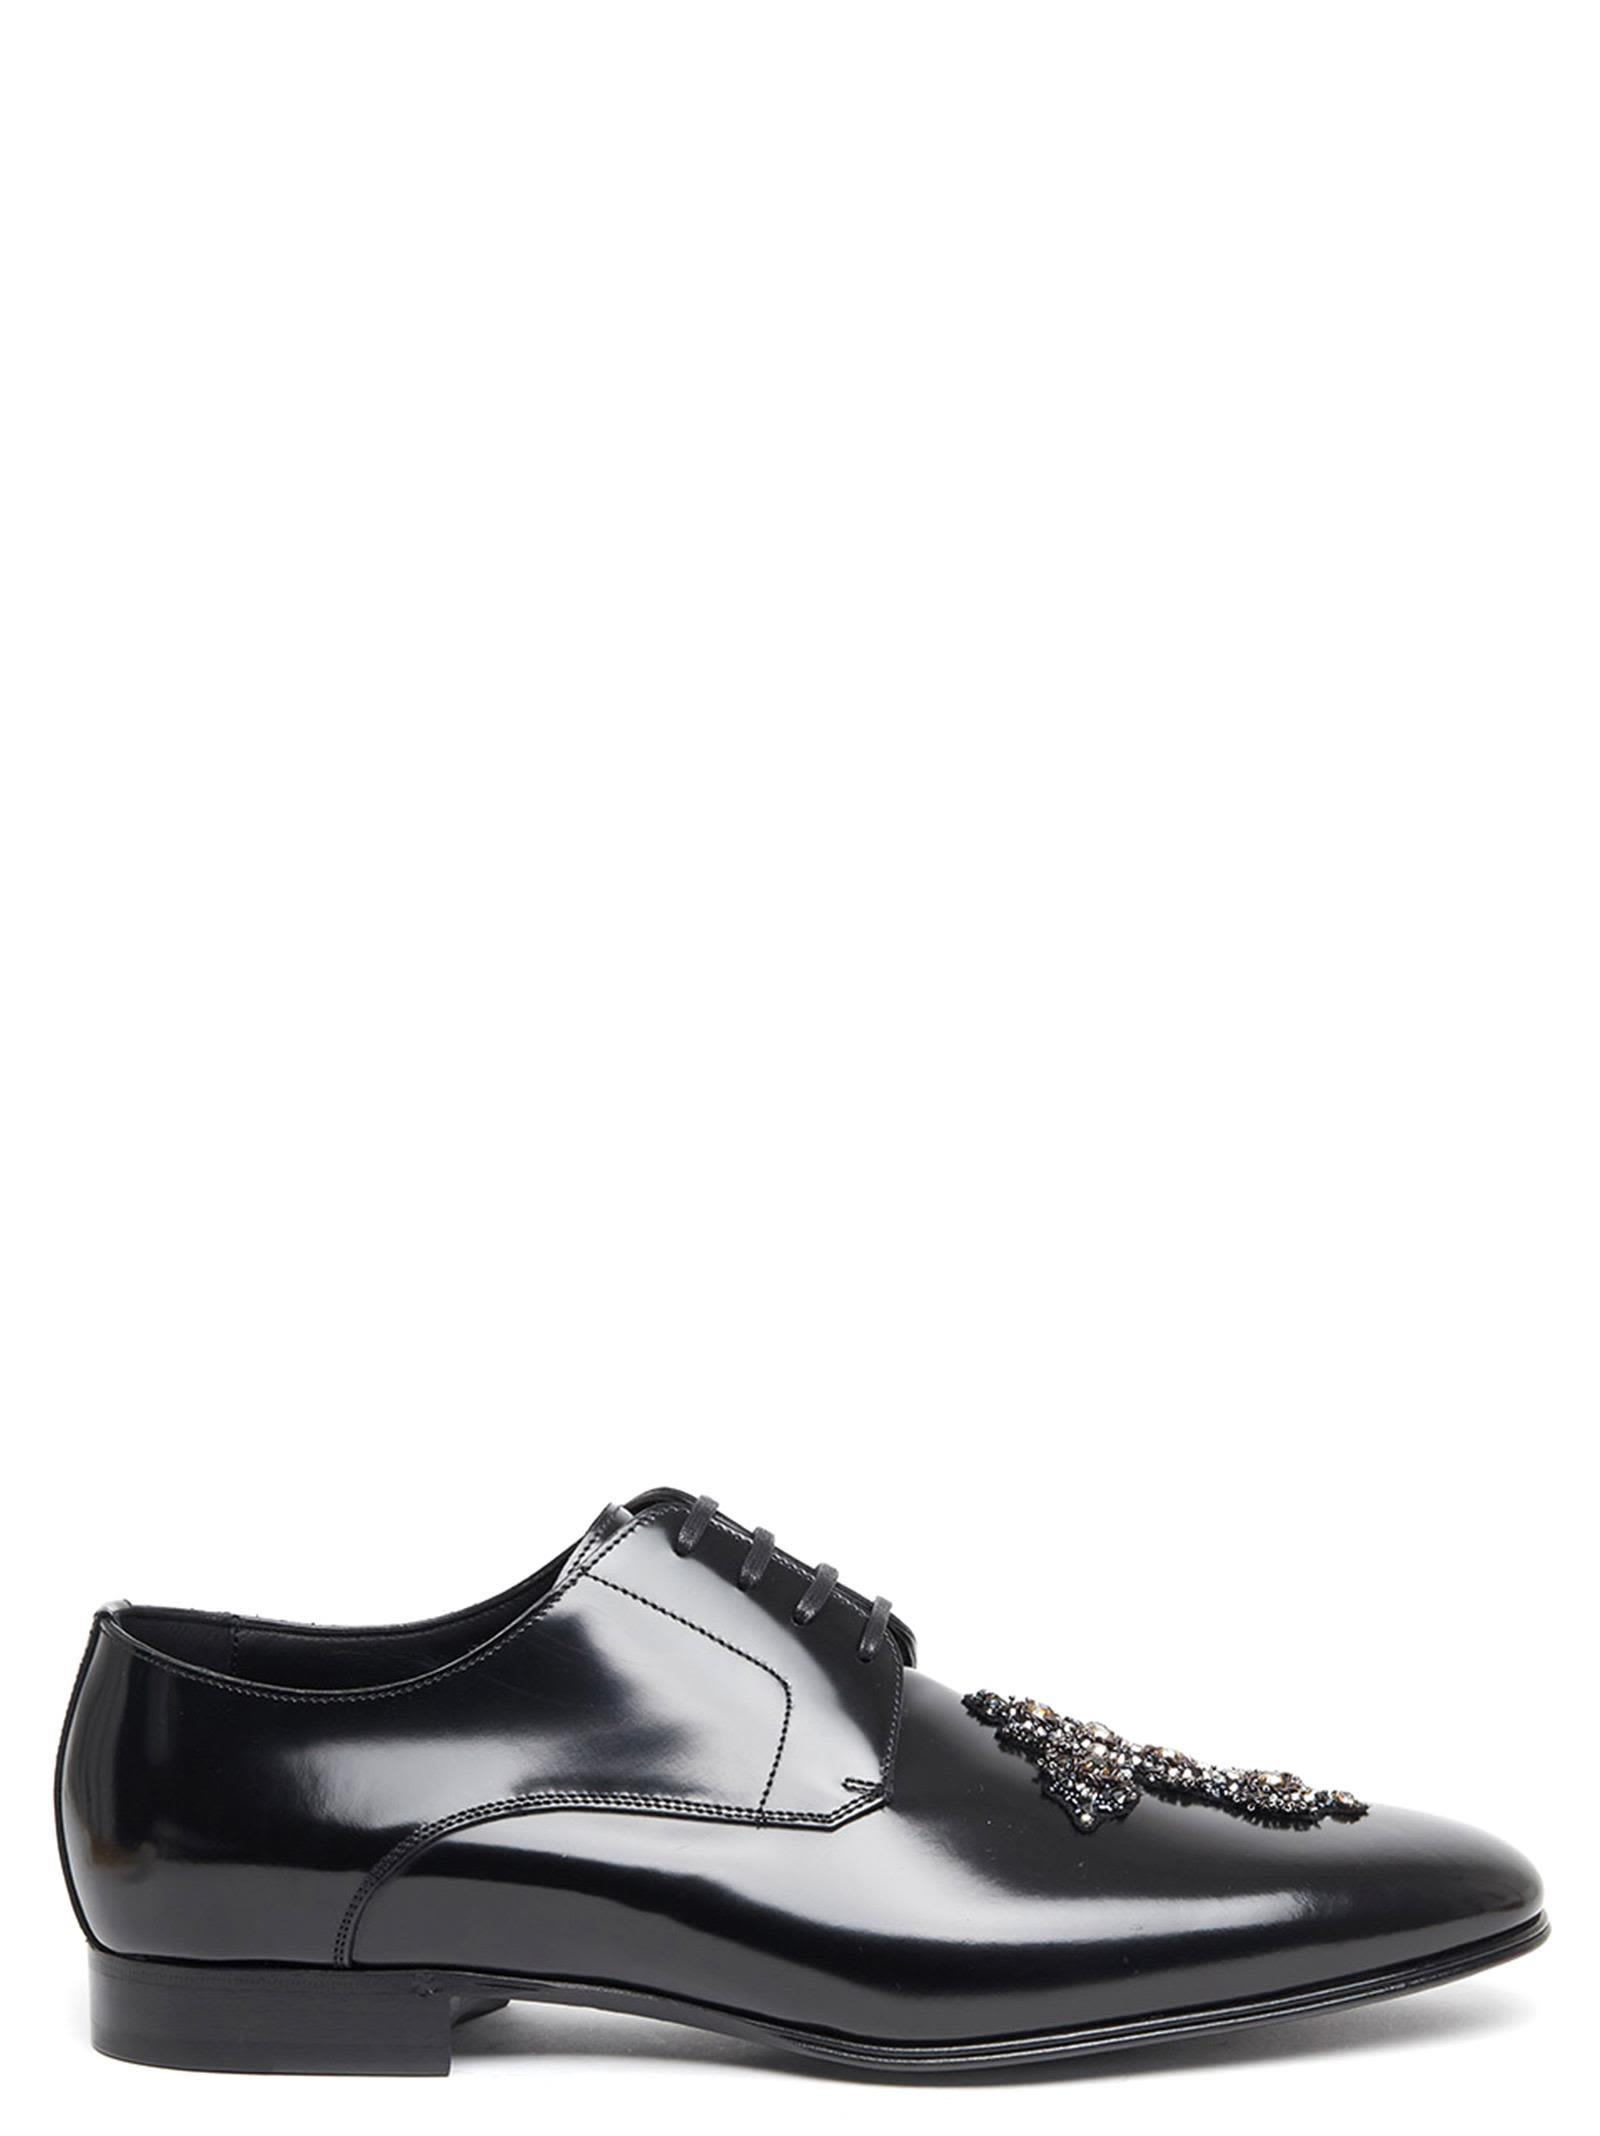 Dolce & Gabbana 'cameron' Shoes